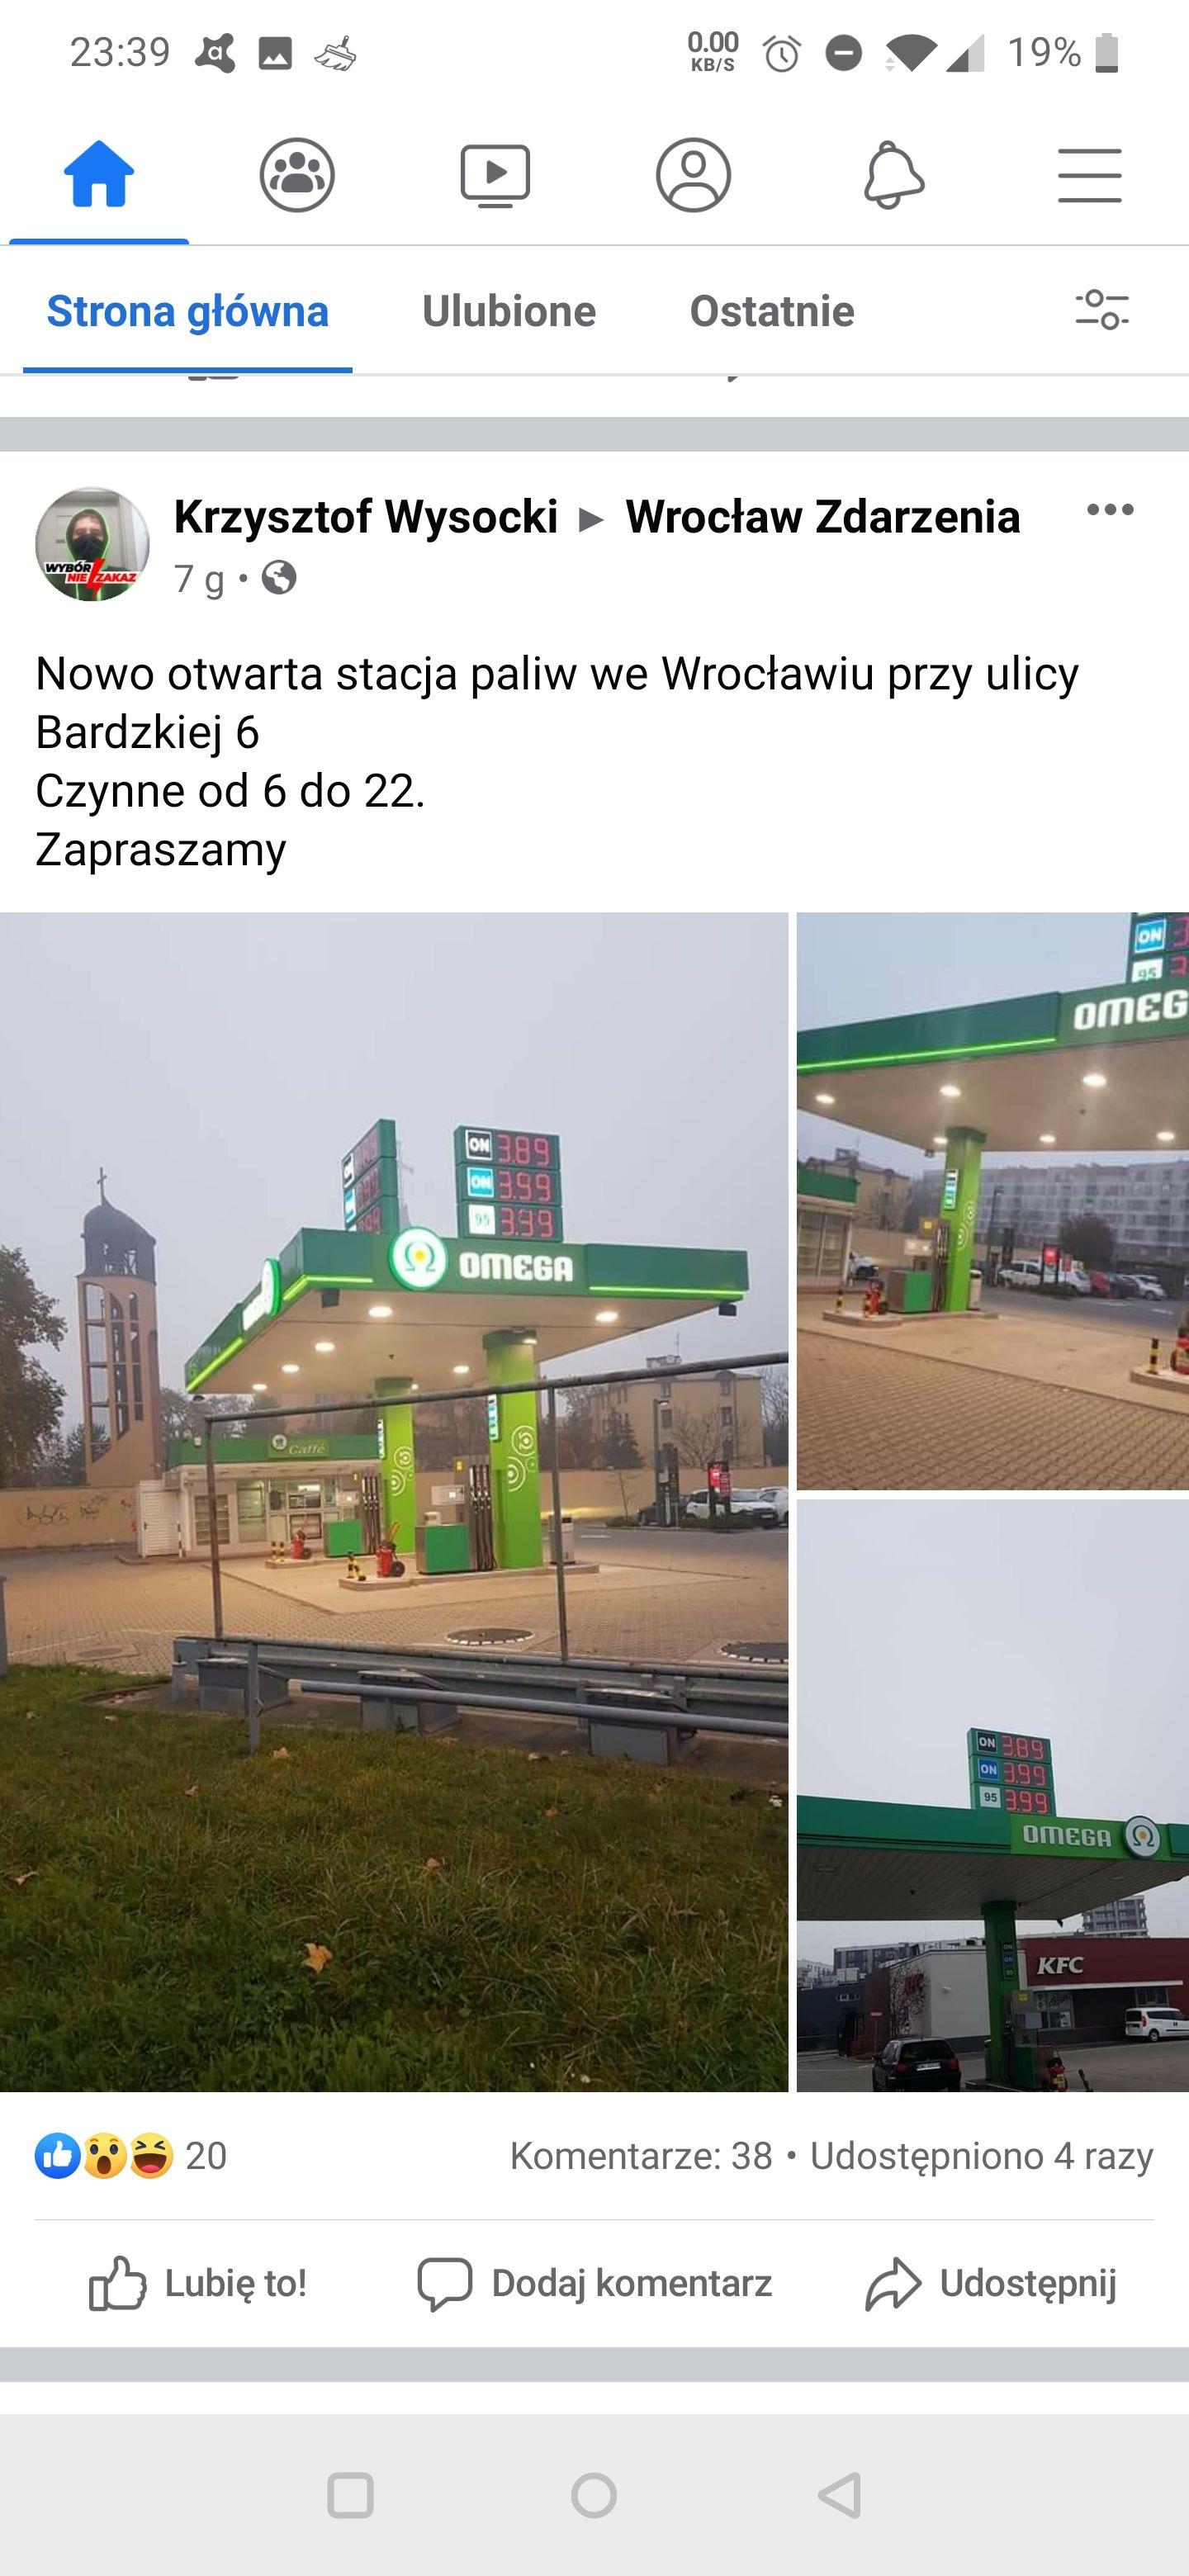 Wrocław bardzka 6 tania benzyna 3,99 i diesel 3,89